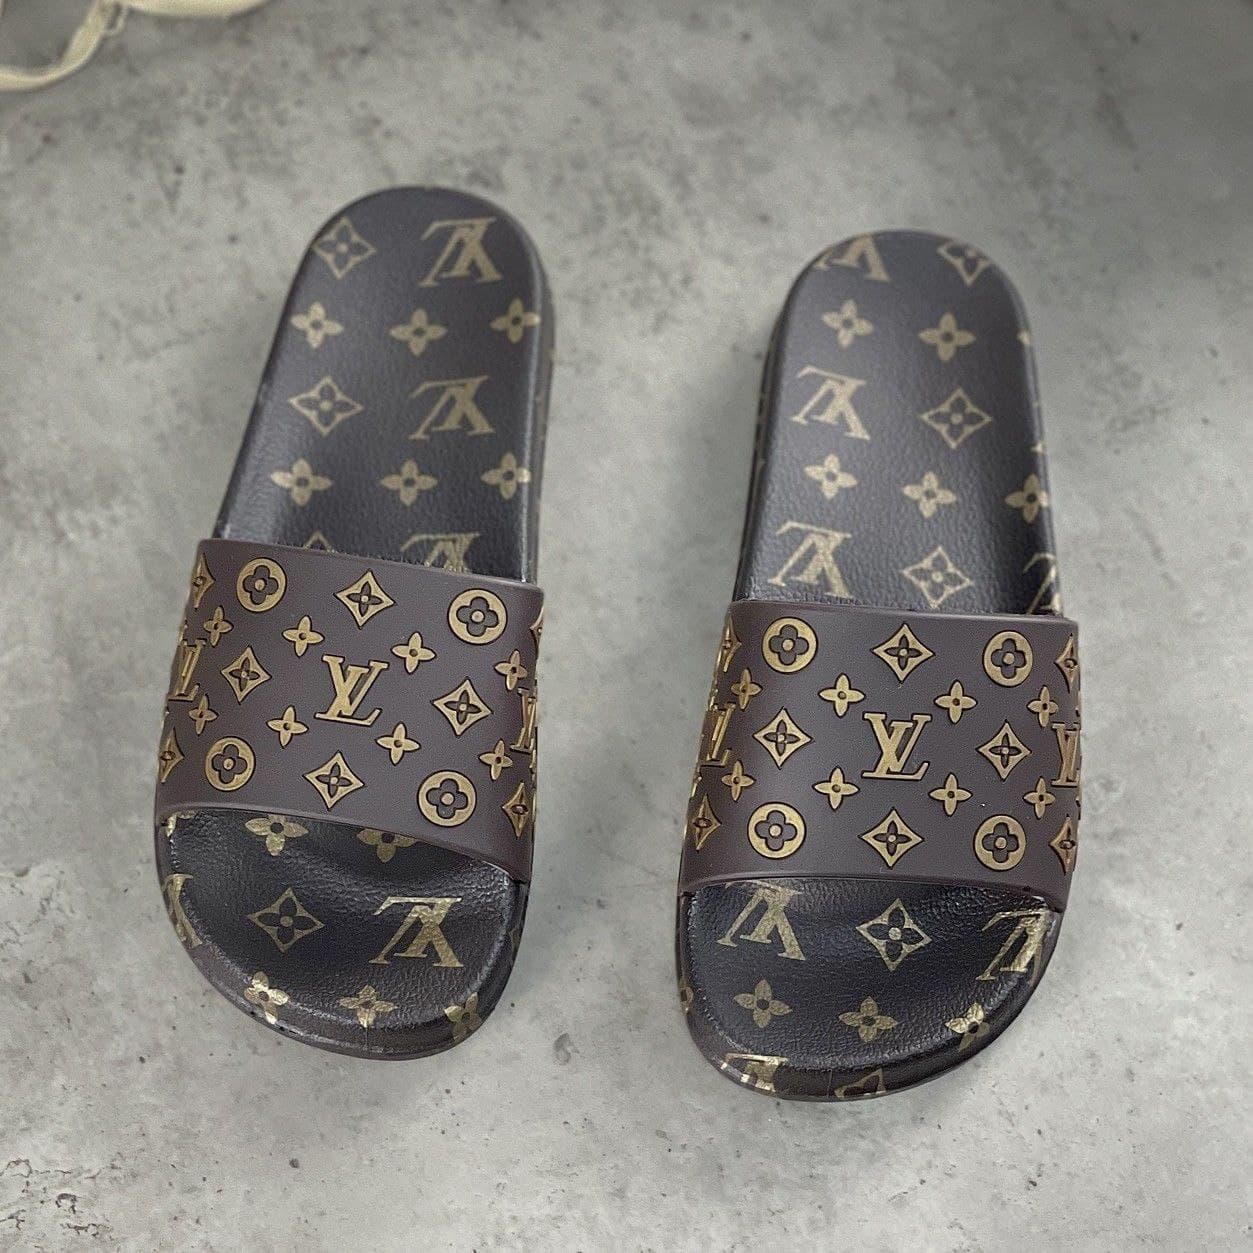 Жіночі гумові шльопанці Louis Vuitton Brown | Тапочки Луї Вітон Коричневі